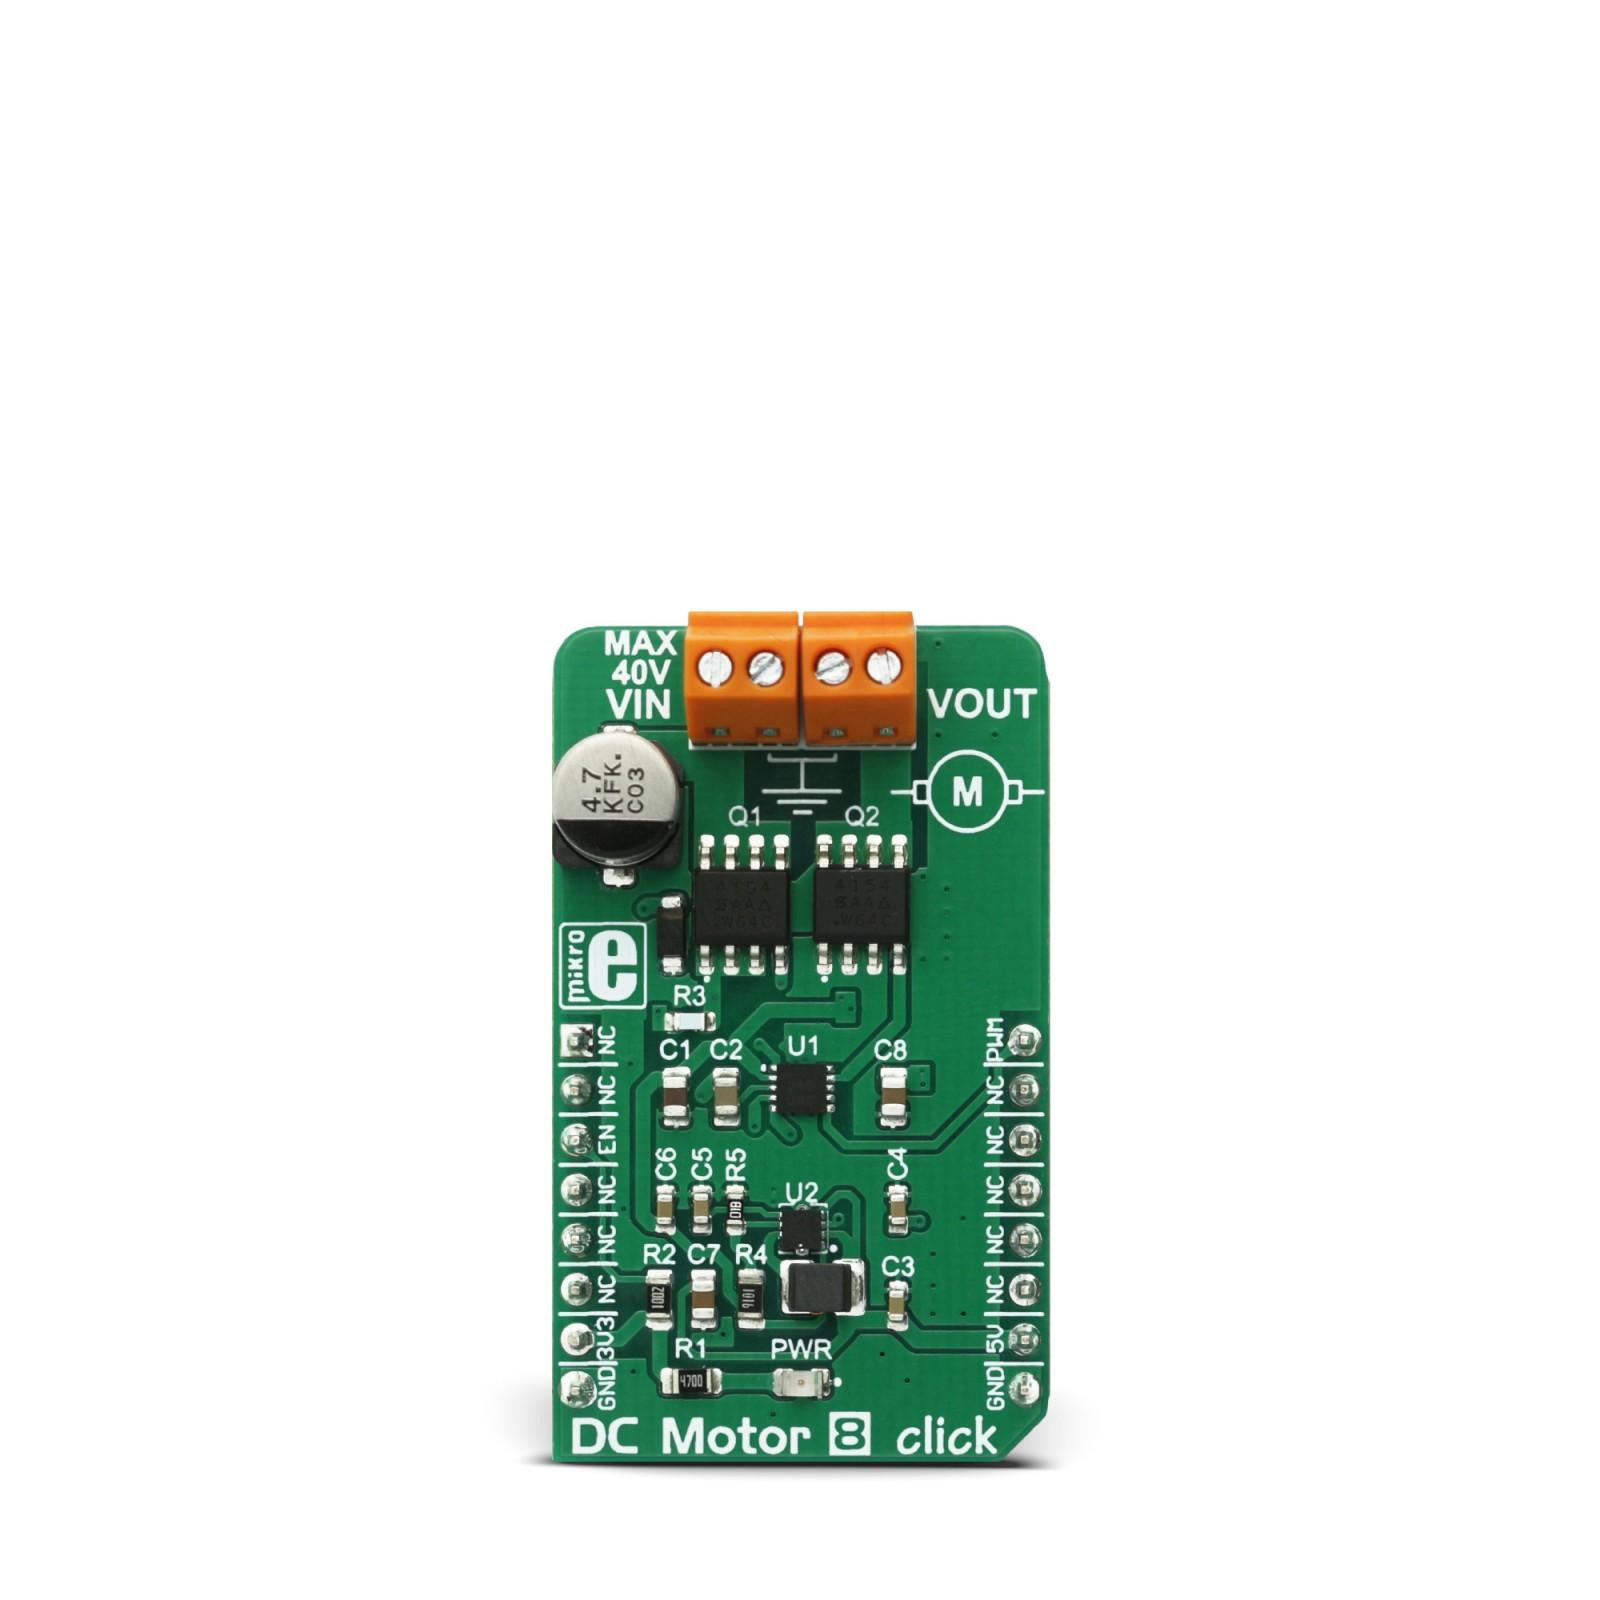 Dc Motor 8 Click Mikroelektronika Bridge Control With Power Mosfets Mgctlbxnmzp Mgctlbxv5112 Mgctlbxlc Mgctlbxpprestashop